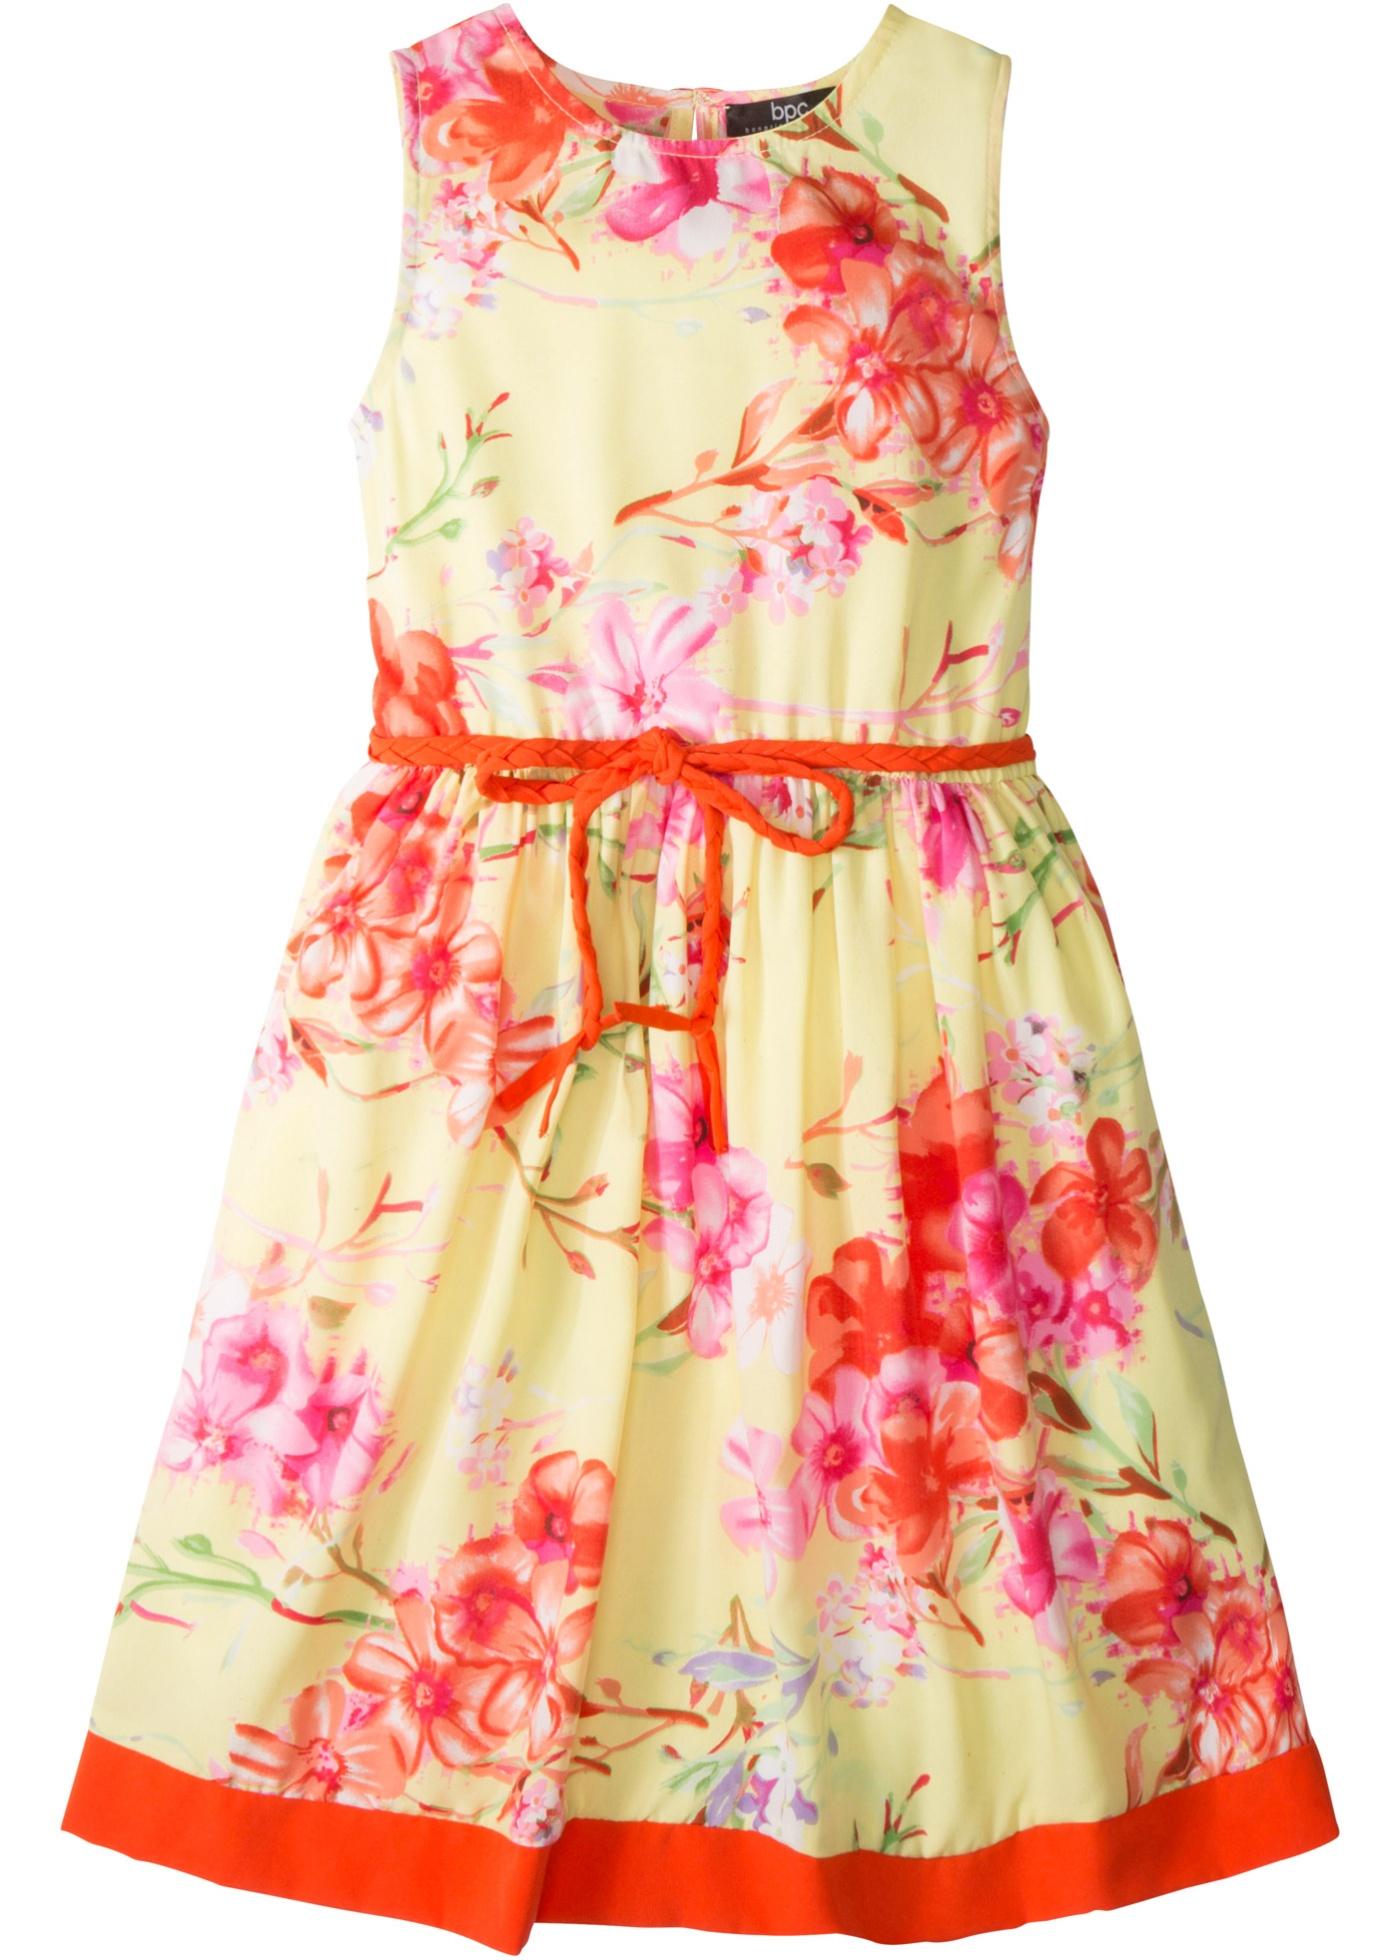 Kjole med blomstertrykk og belte (2 deler, sett)